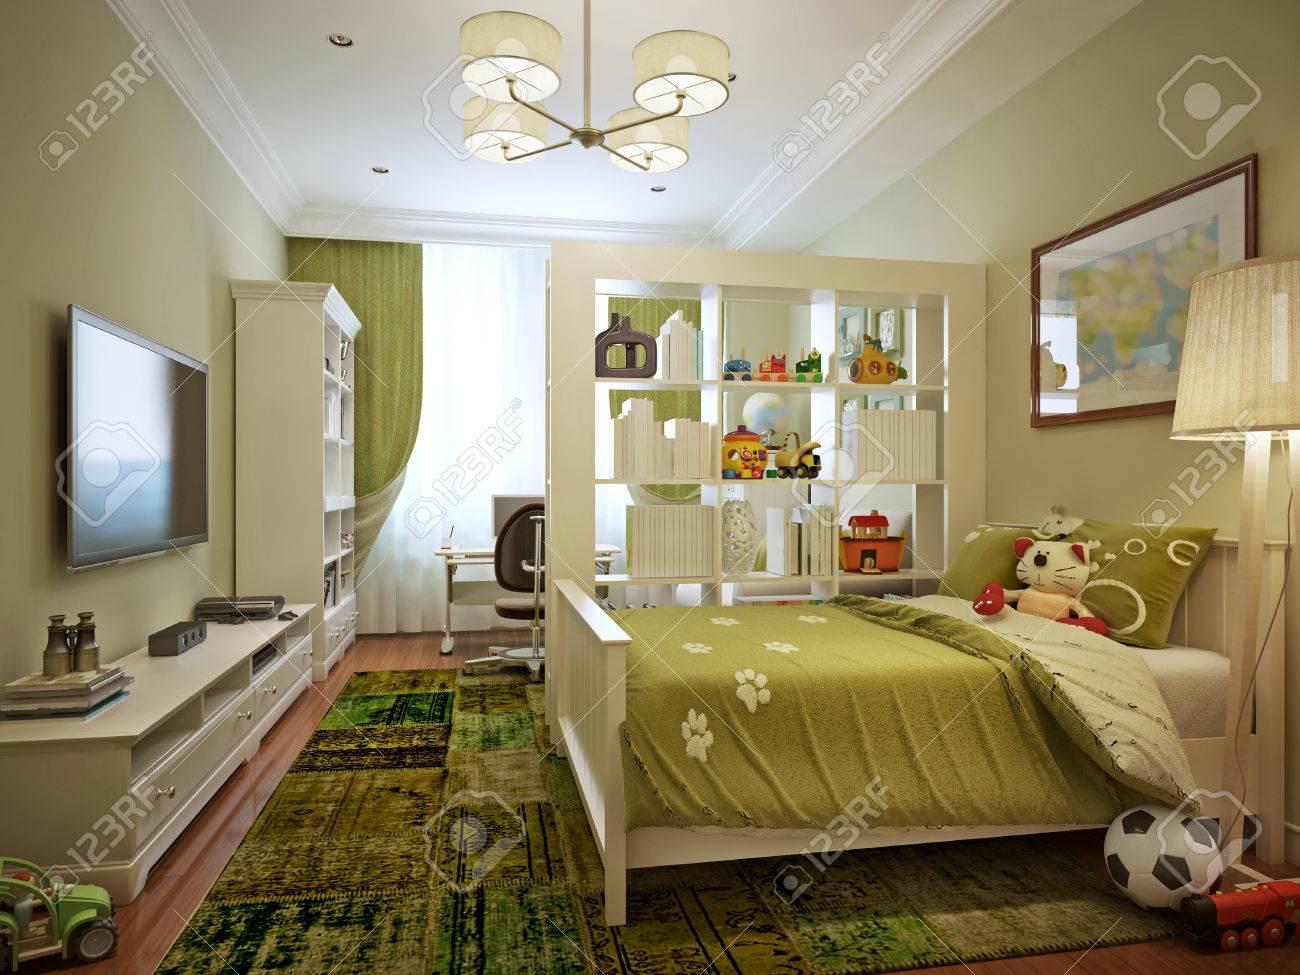 Full Size of Jungen Junge 5 Jahre 7 Einrichten Gestalten Komplett 4 2 Wandgestaltung 3 Ikea Fr Regale Sofa Regal Weiß Kinderzimmer Kinderzimmer Jungen